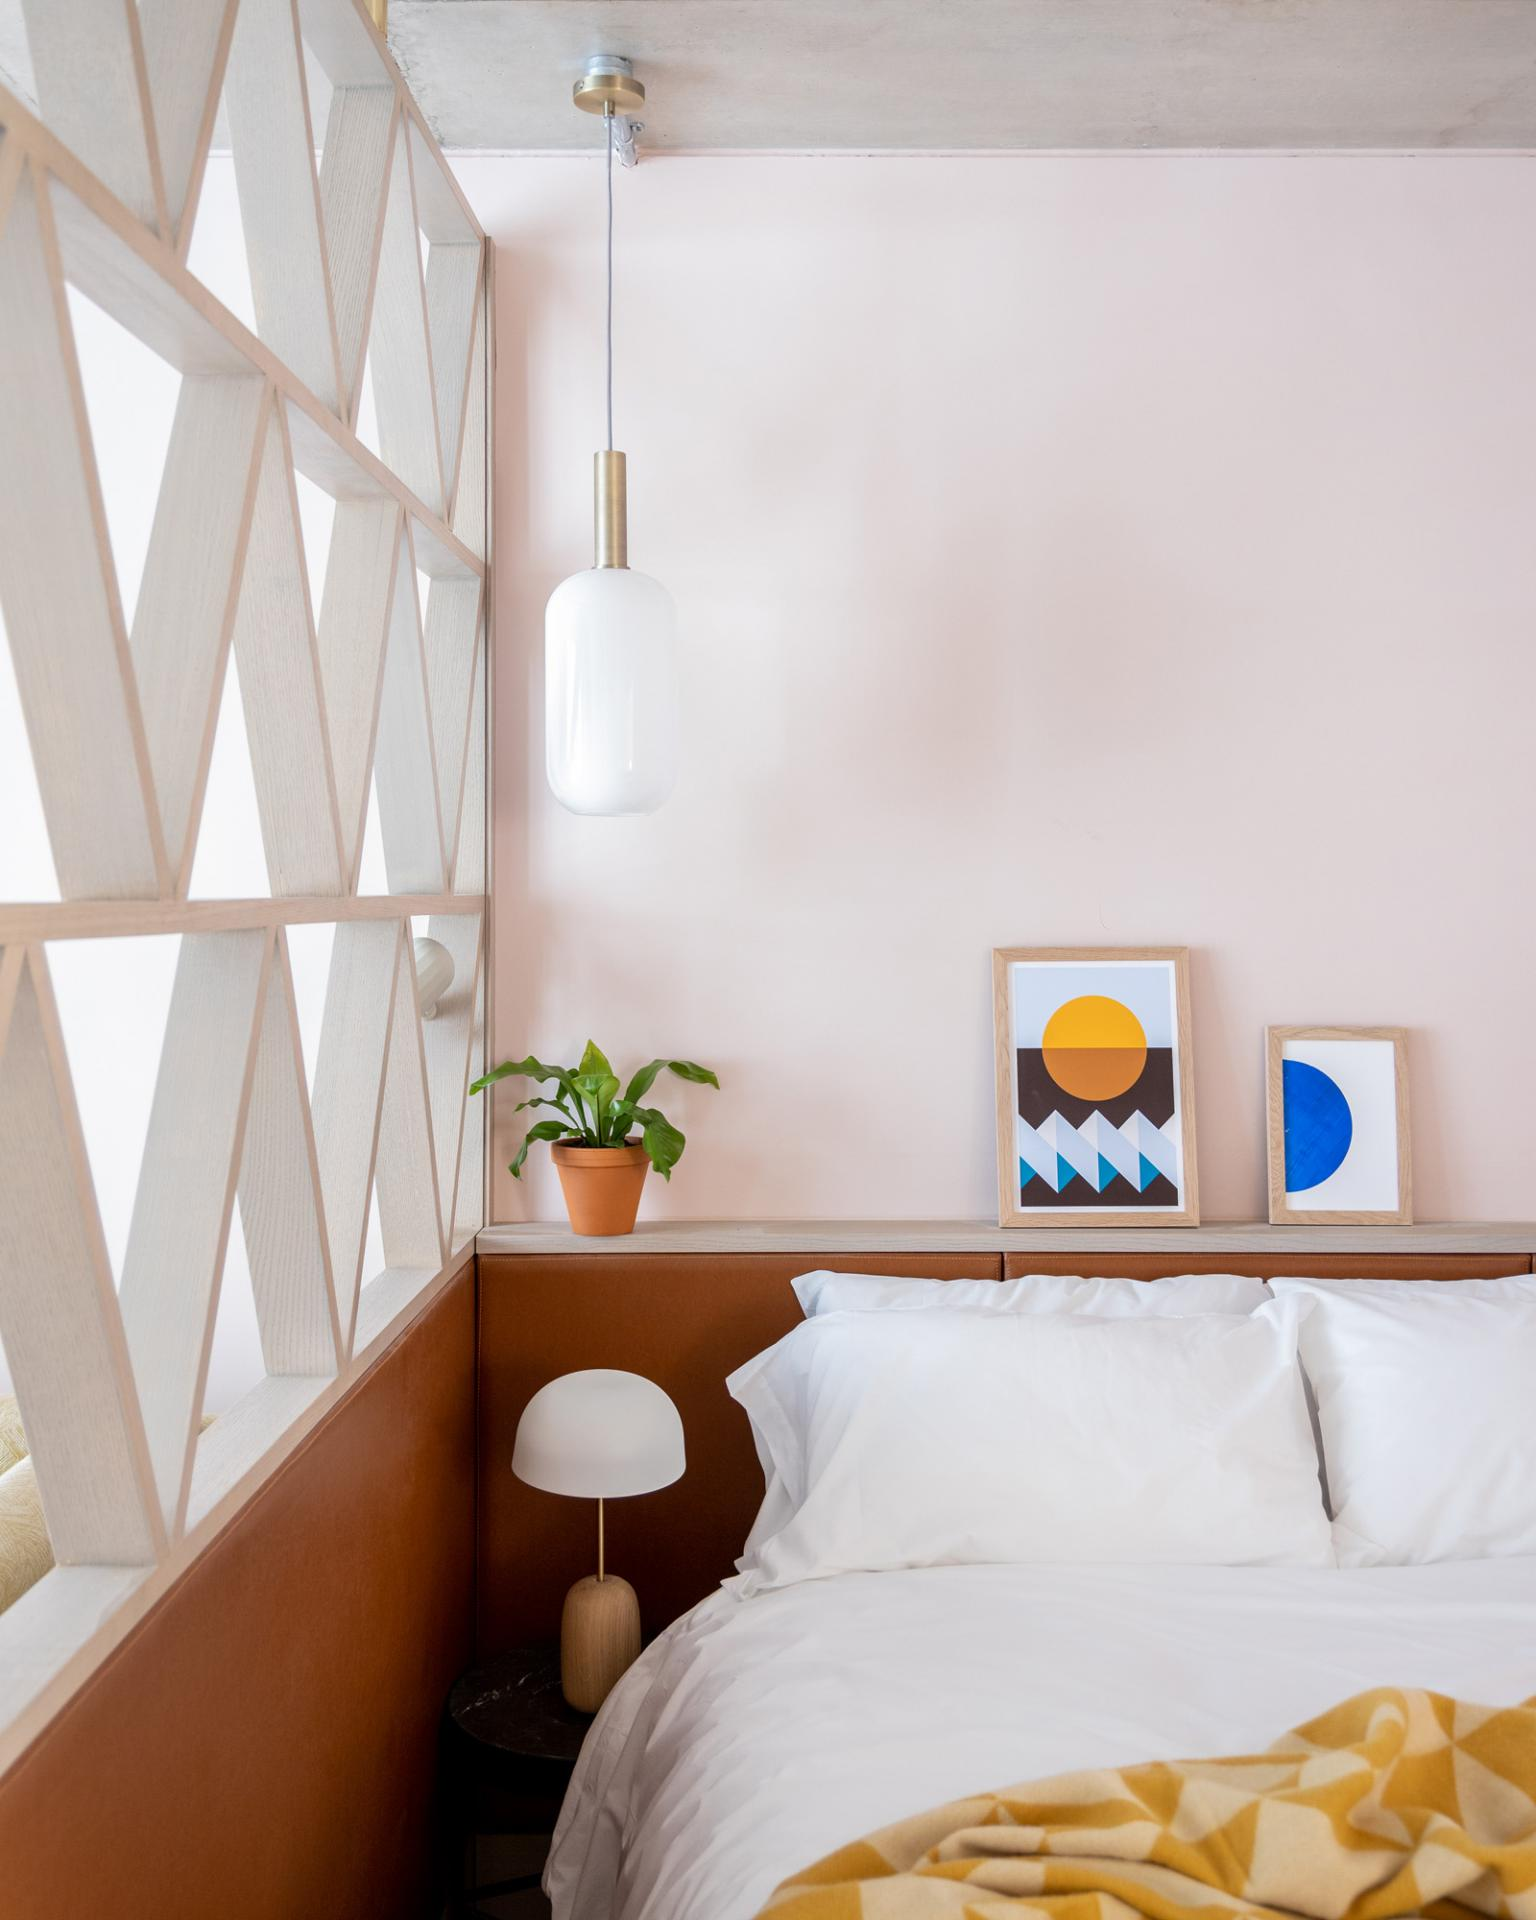 Bedroom at Zanzibar Locke Apartments, Centre, Dublin - Citybase Apartments